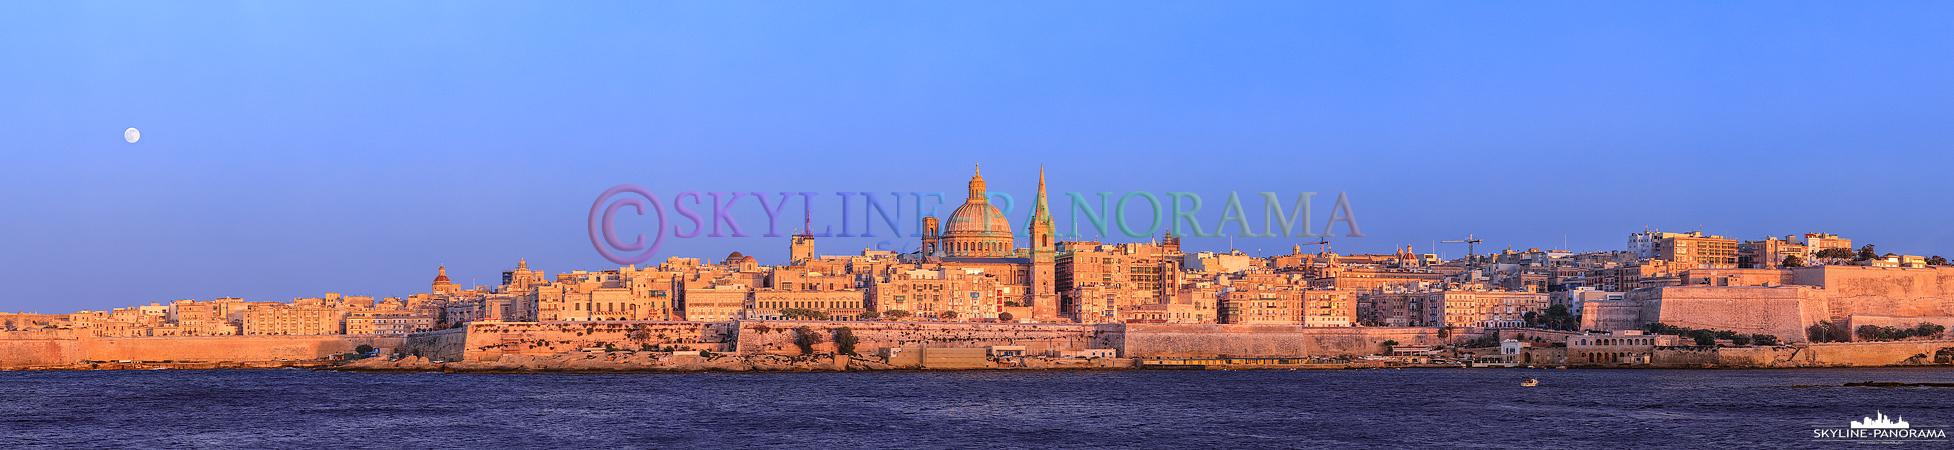 Panorama Malta - Der Blick von Sliema aus auf die historischen Gebäude der maltesischen Hauptstadt Valletta.